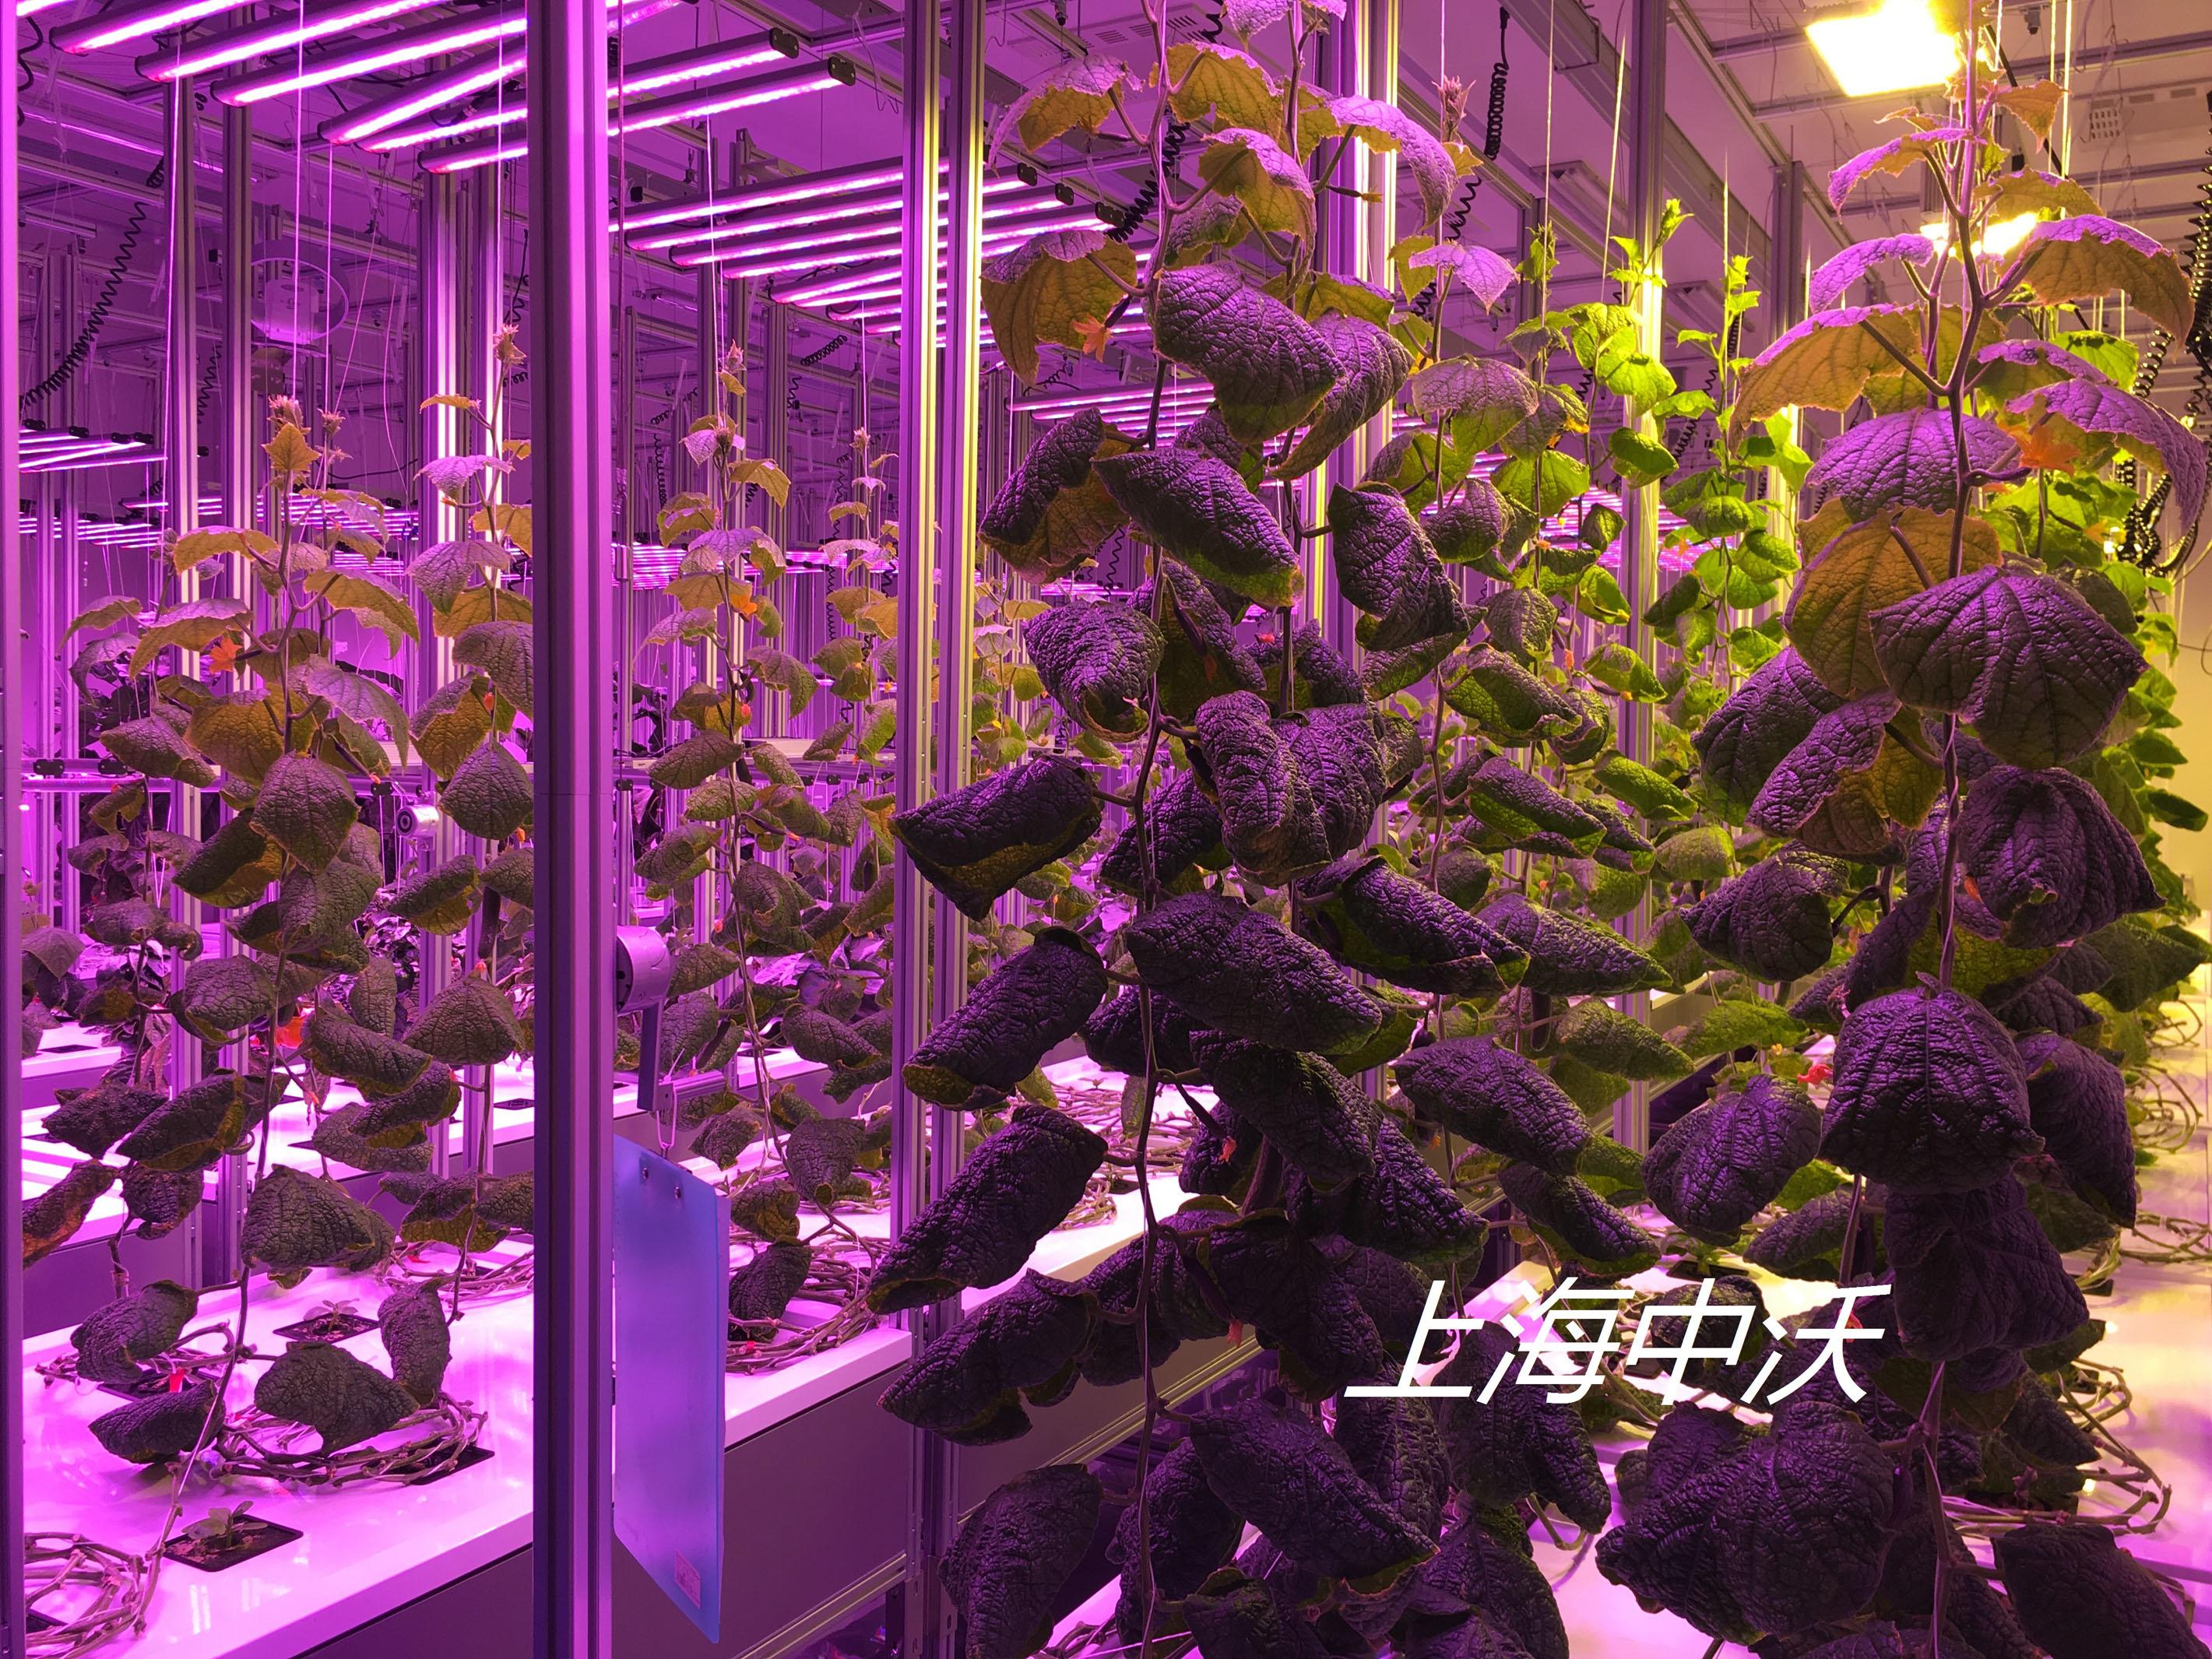 全自動霧培植物生長系統